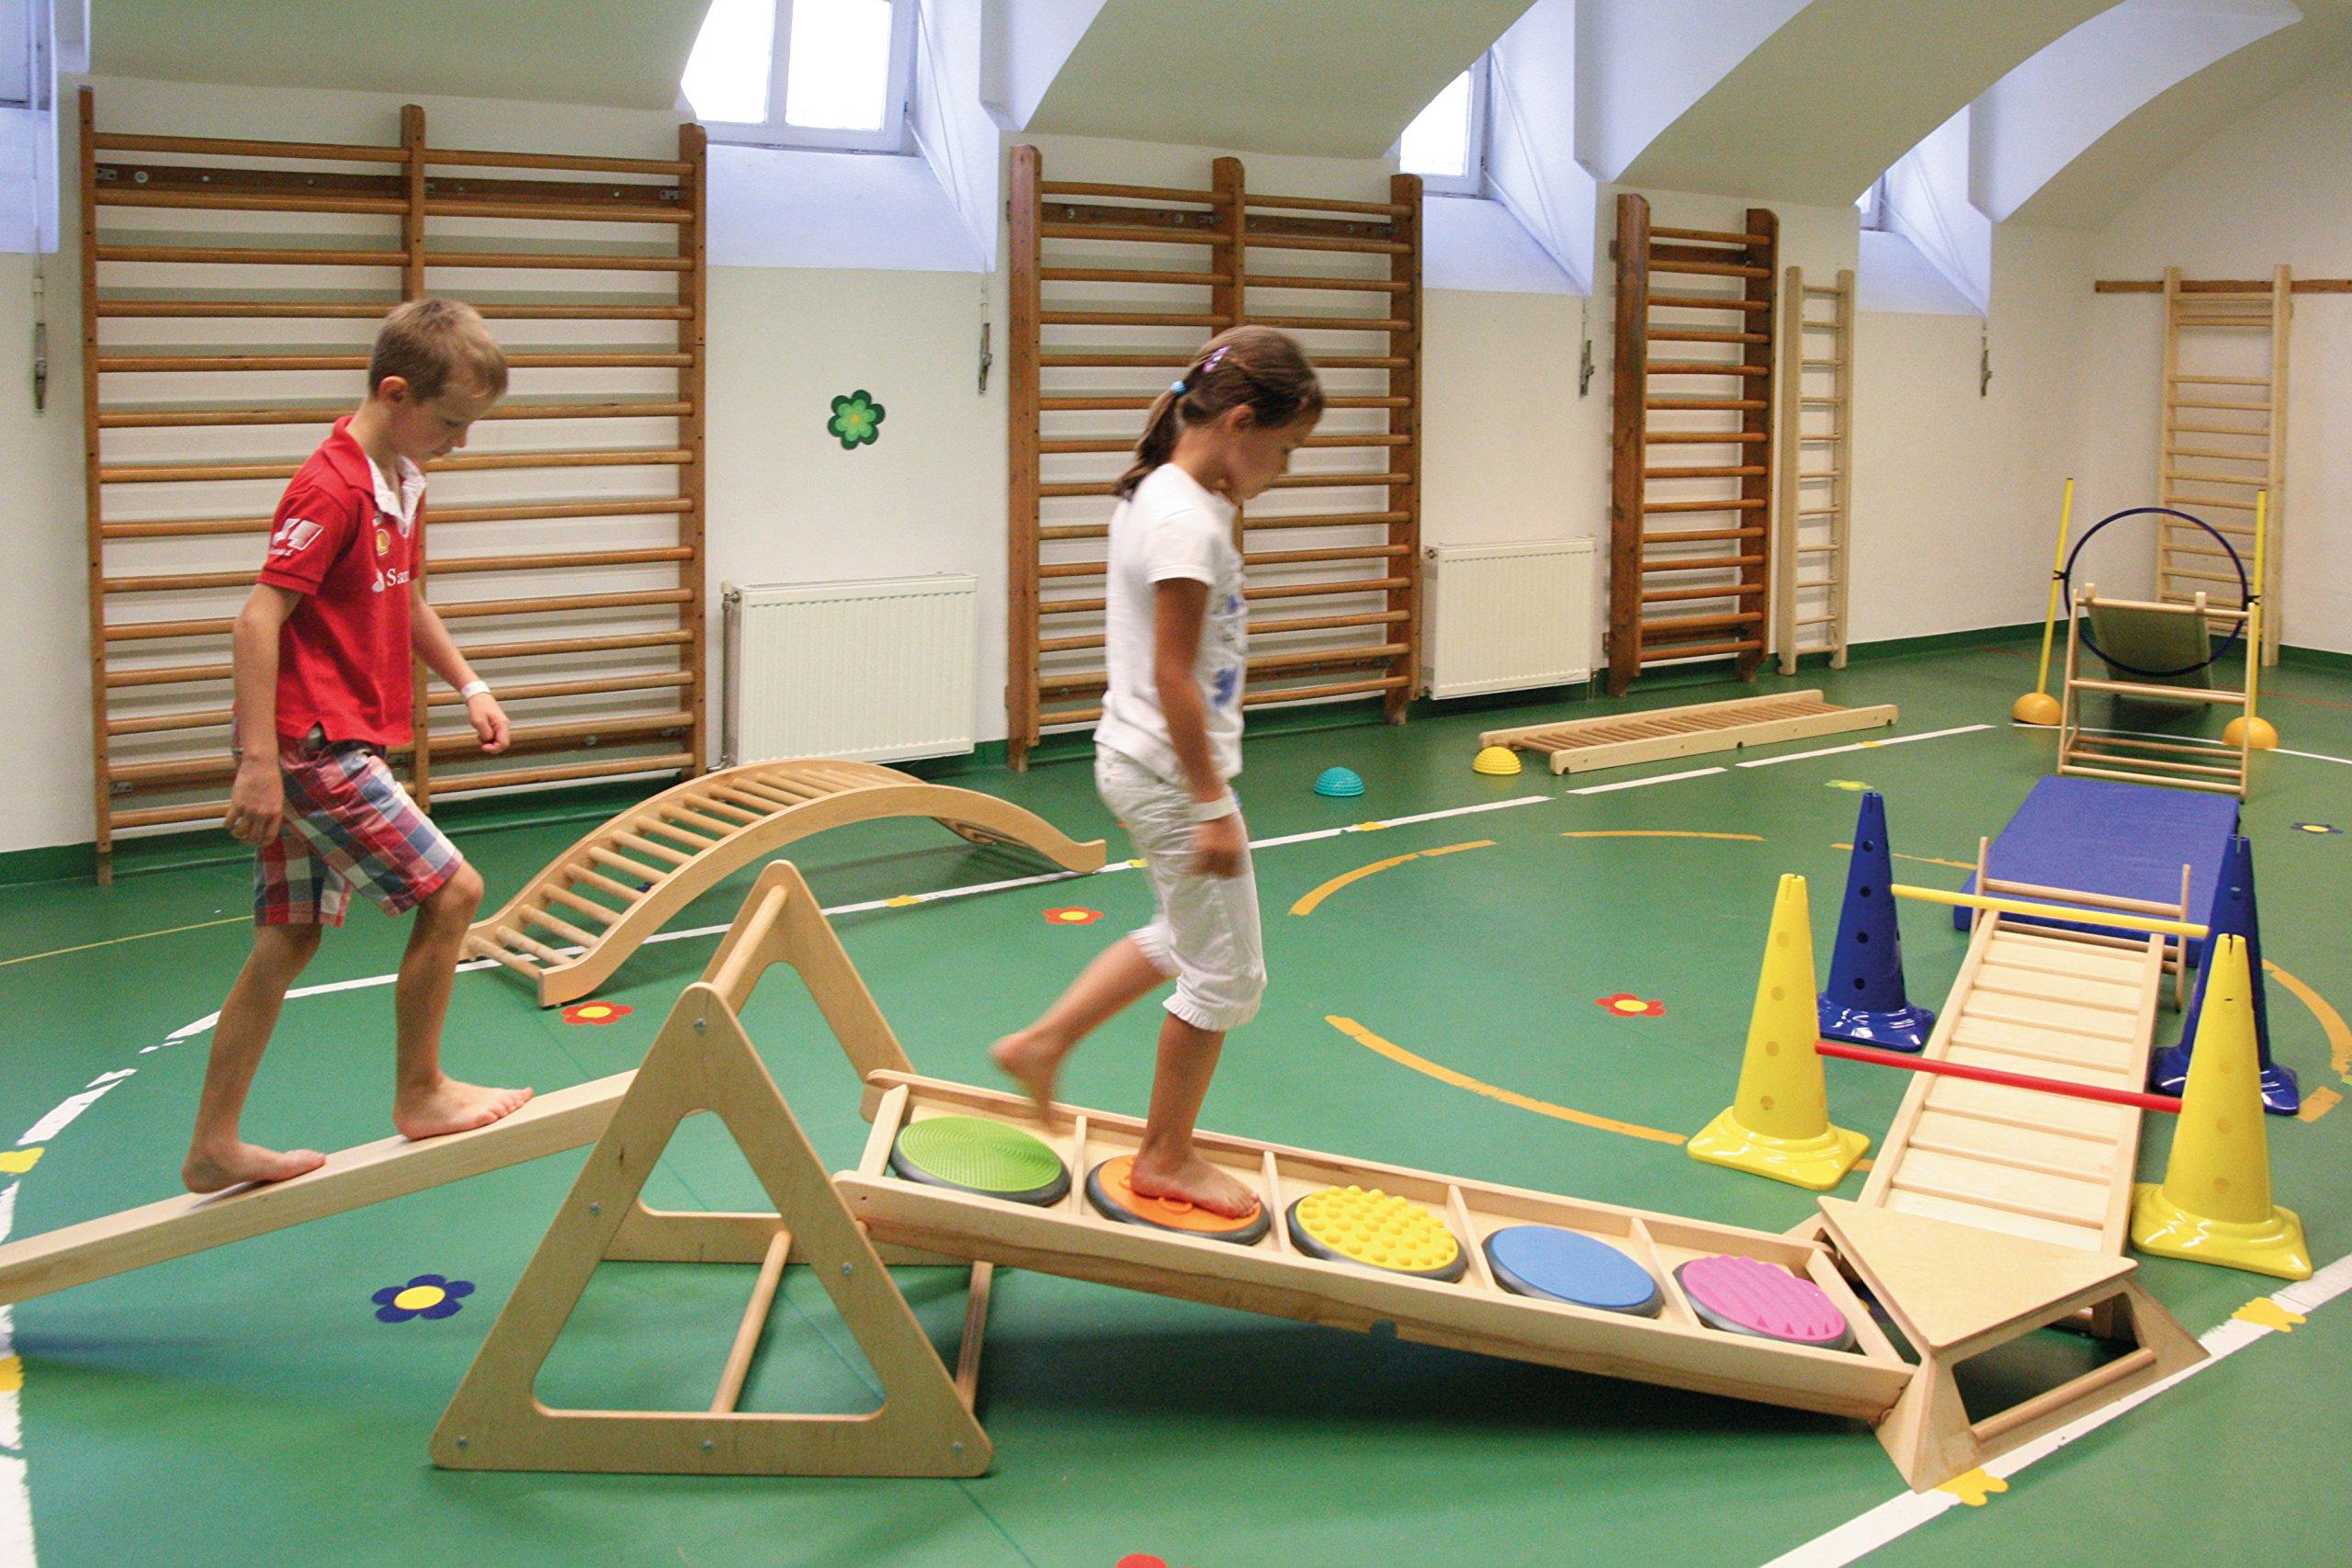 Eduplay Eduplay170339 Edugym Apparatus by Edu-Play (Image #2)